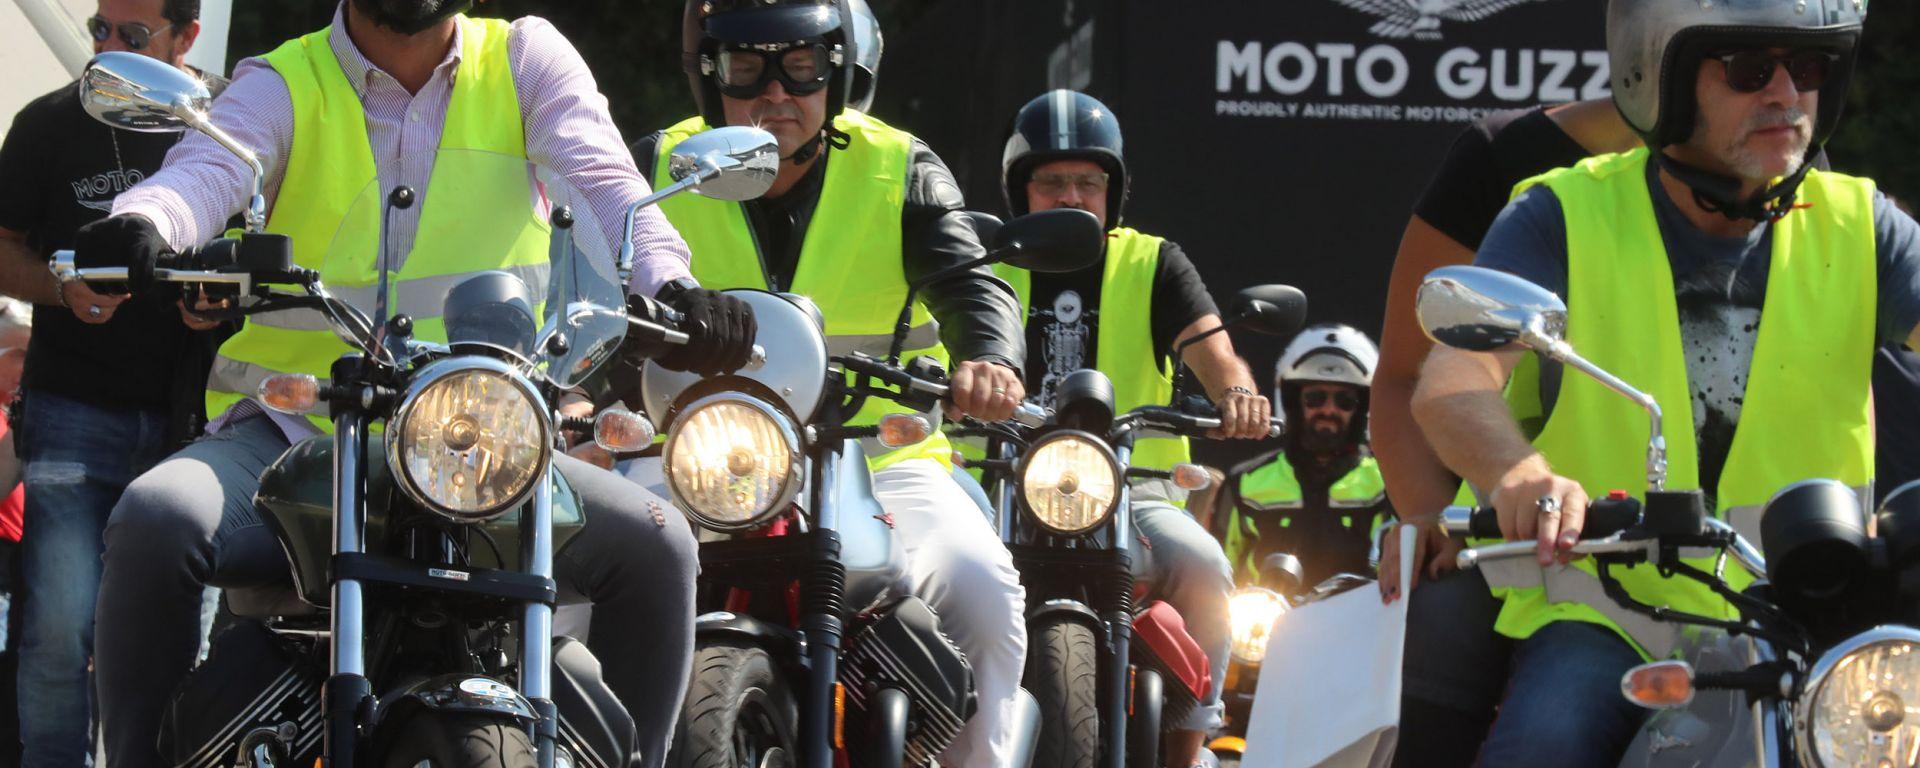 Torna Moto Guzzi Open House: ecco il programma dell'edizione 2019